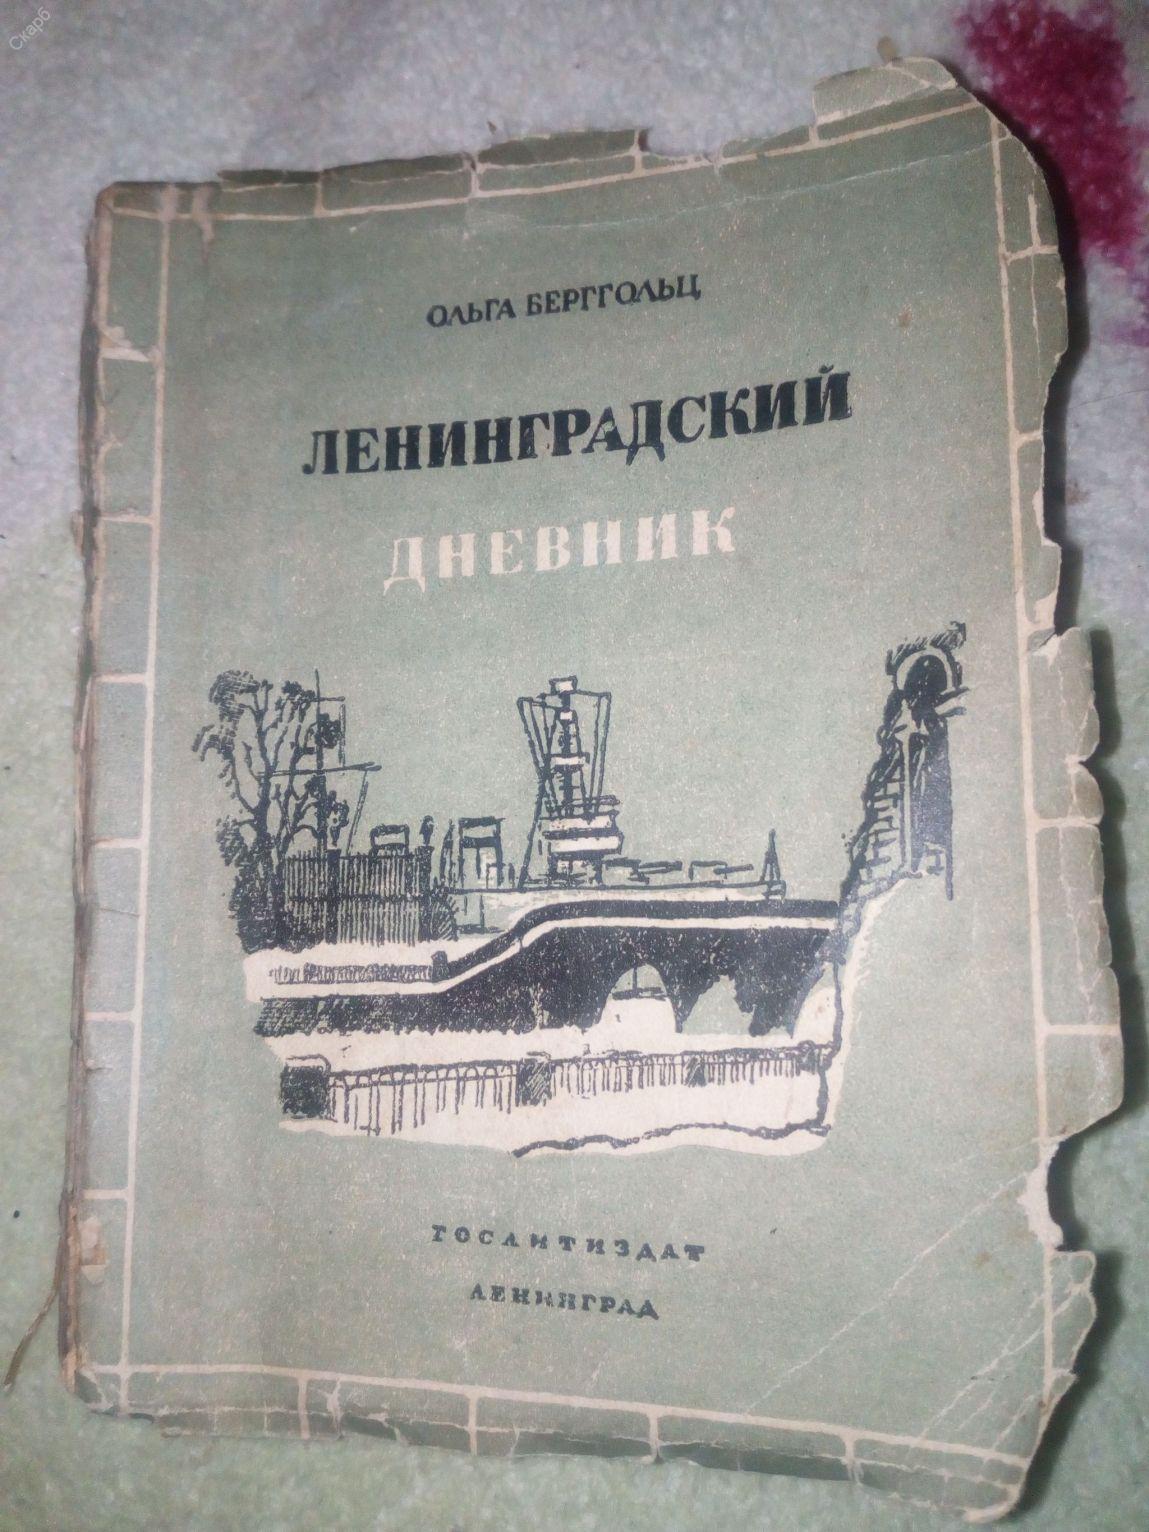 Автограф Ольги Берггольц 21.12.59 г.